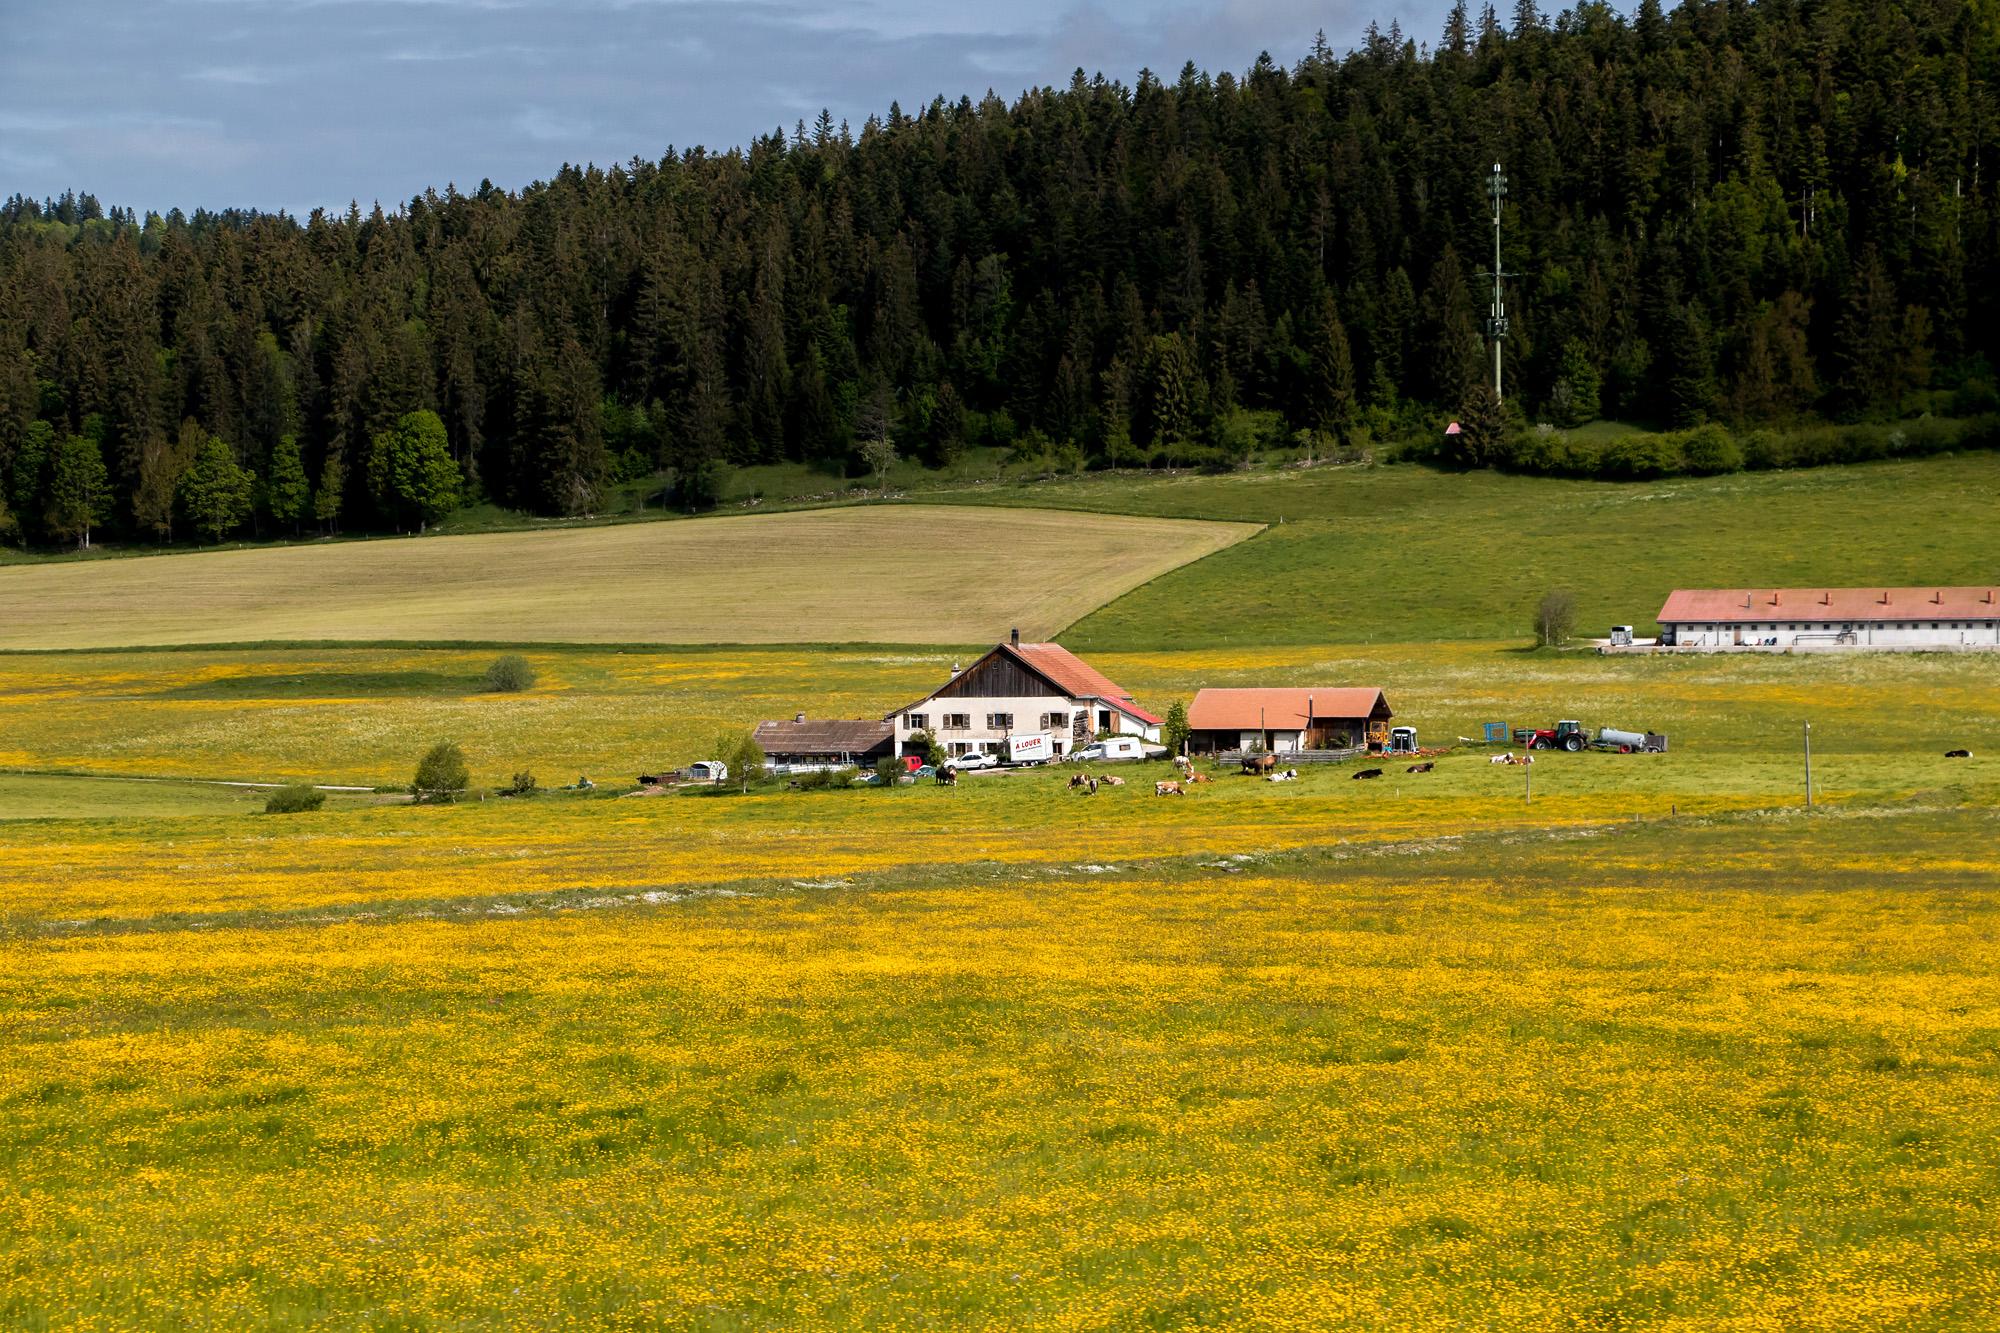 Ein weiteres typisches Bauernhaus inmitten der sehenswerten Landschaft